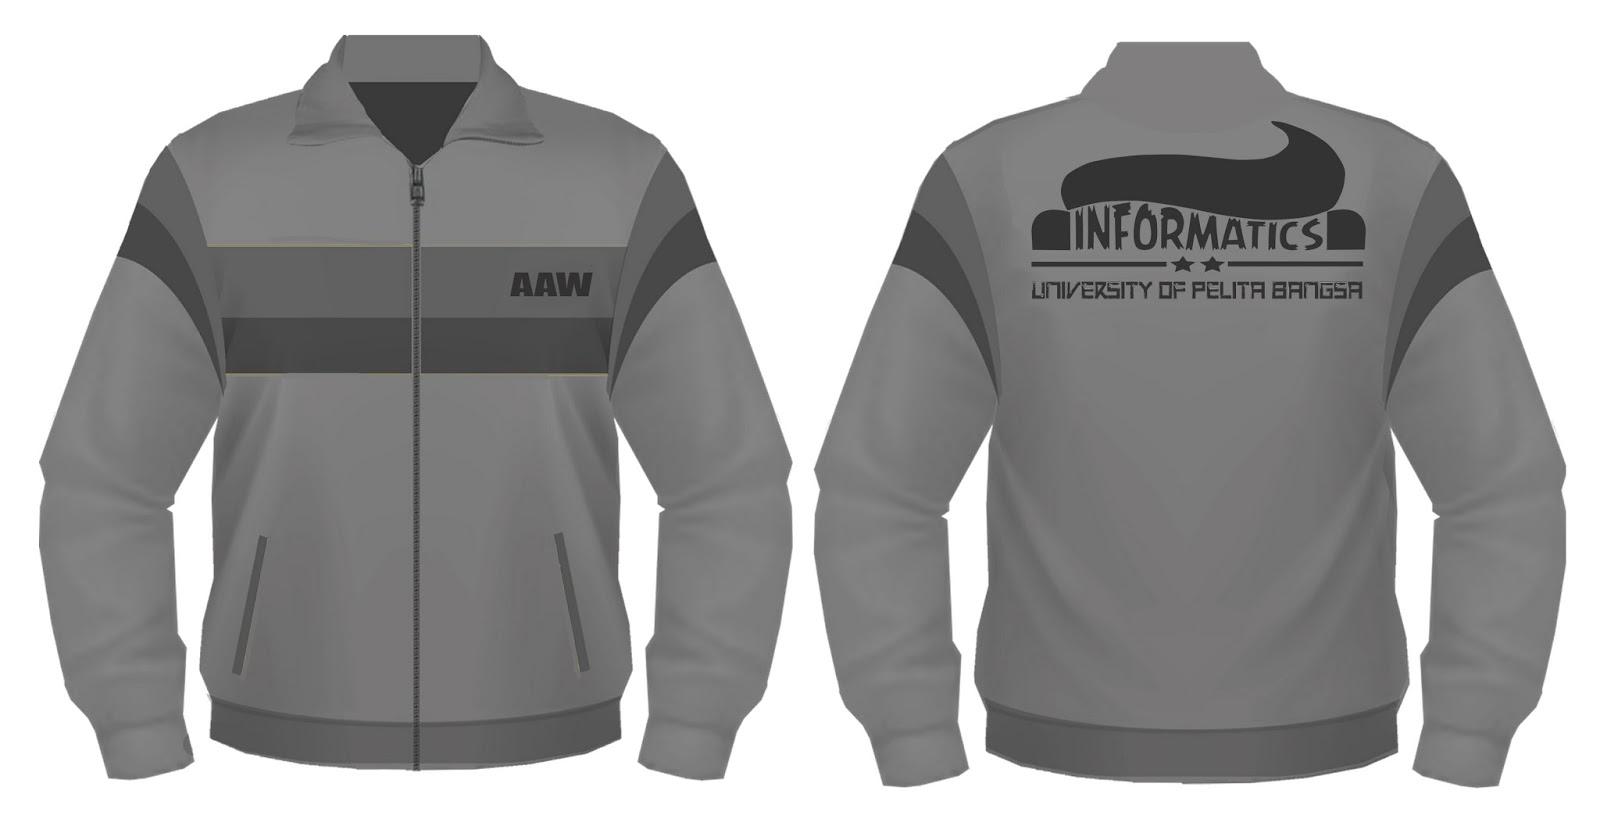 99+ Desain Jaket Untuk Jurusan Terbaik